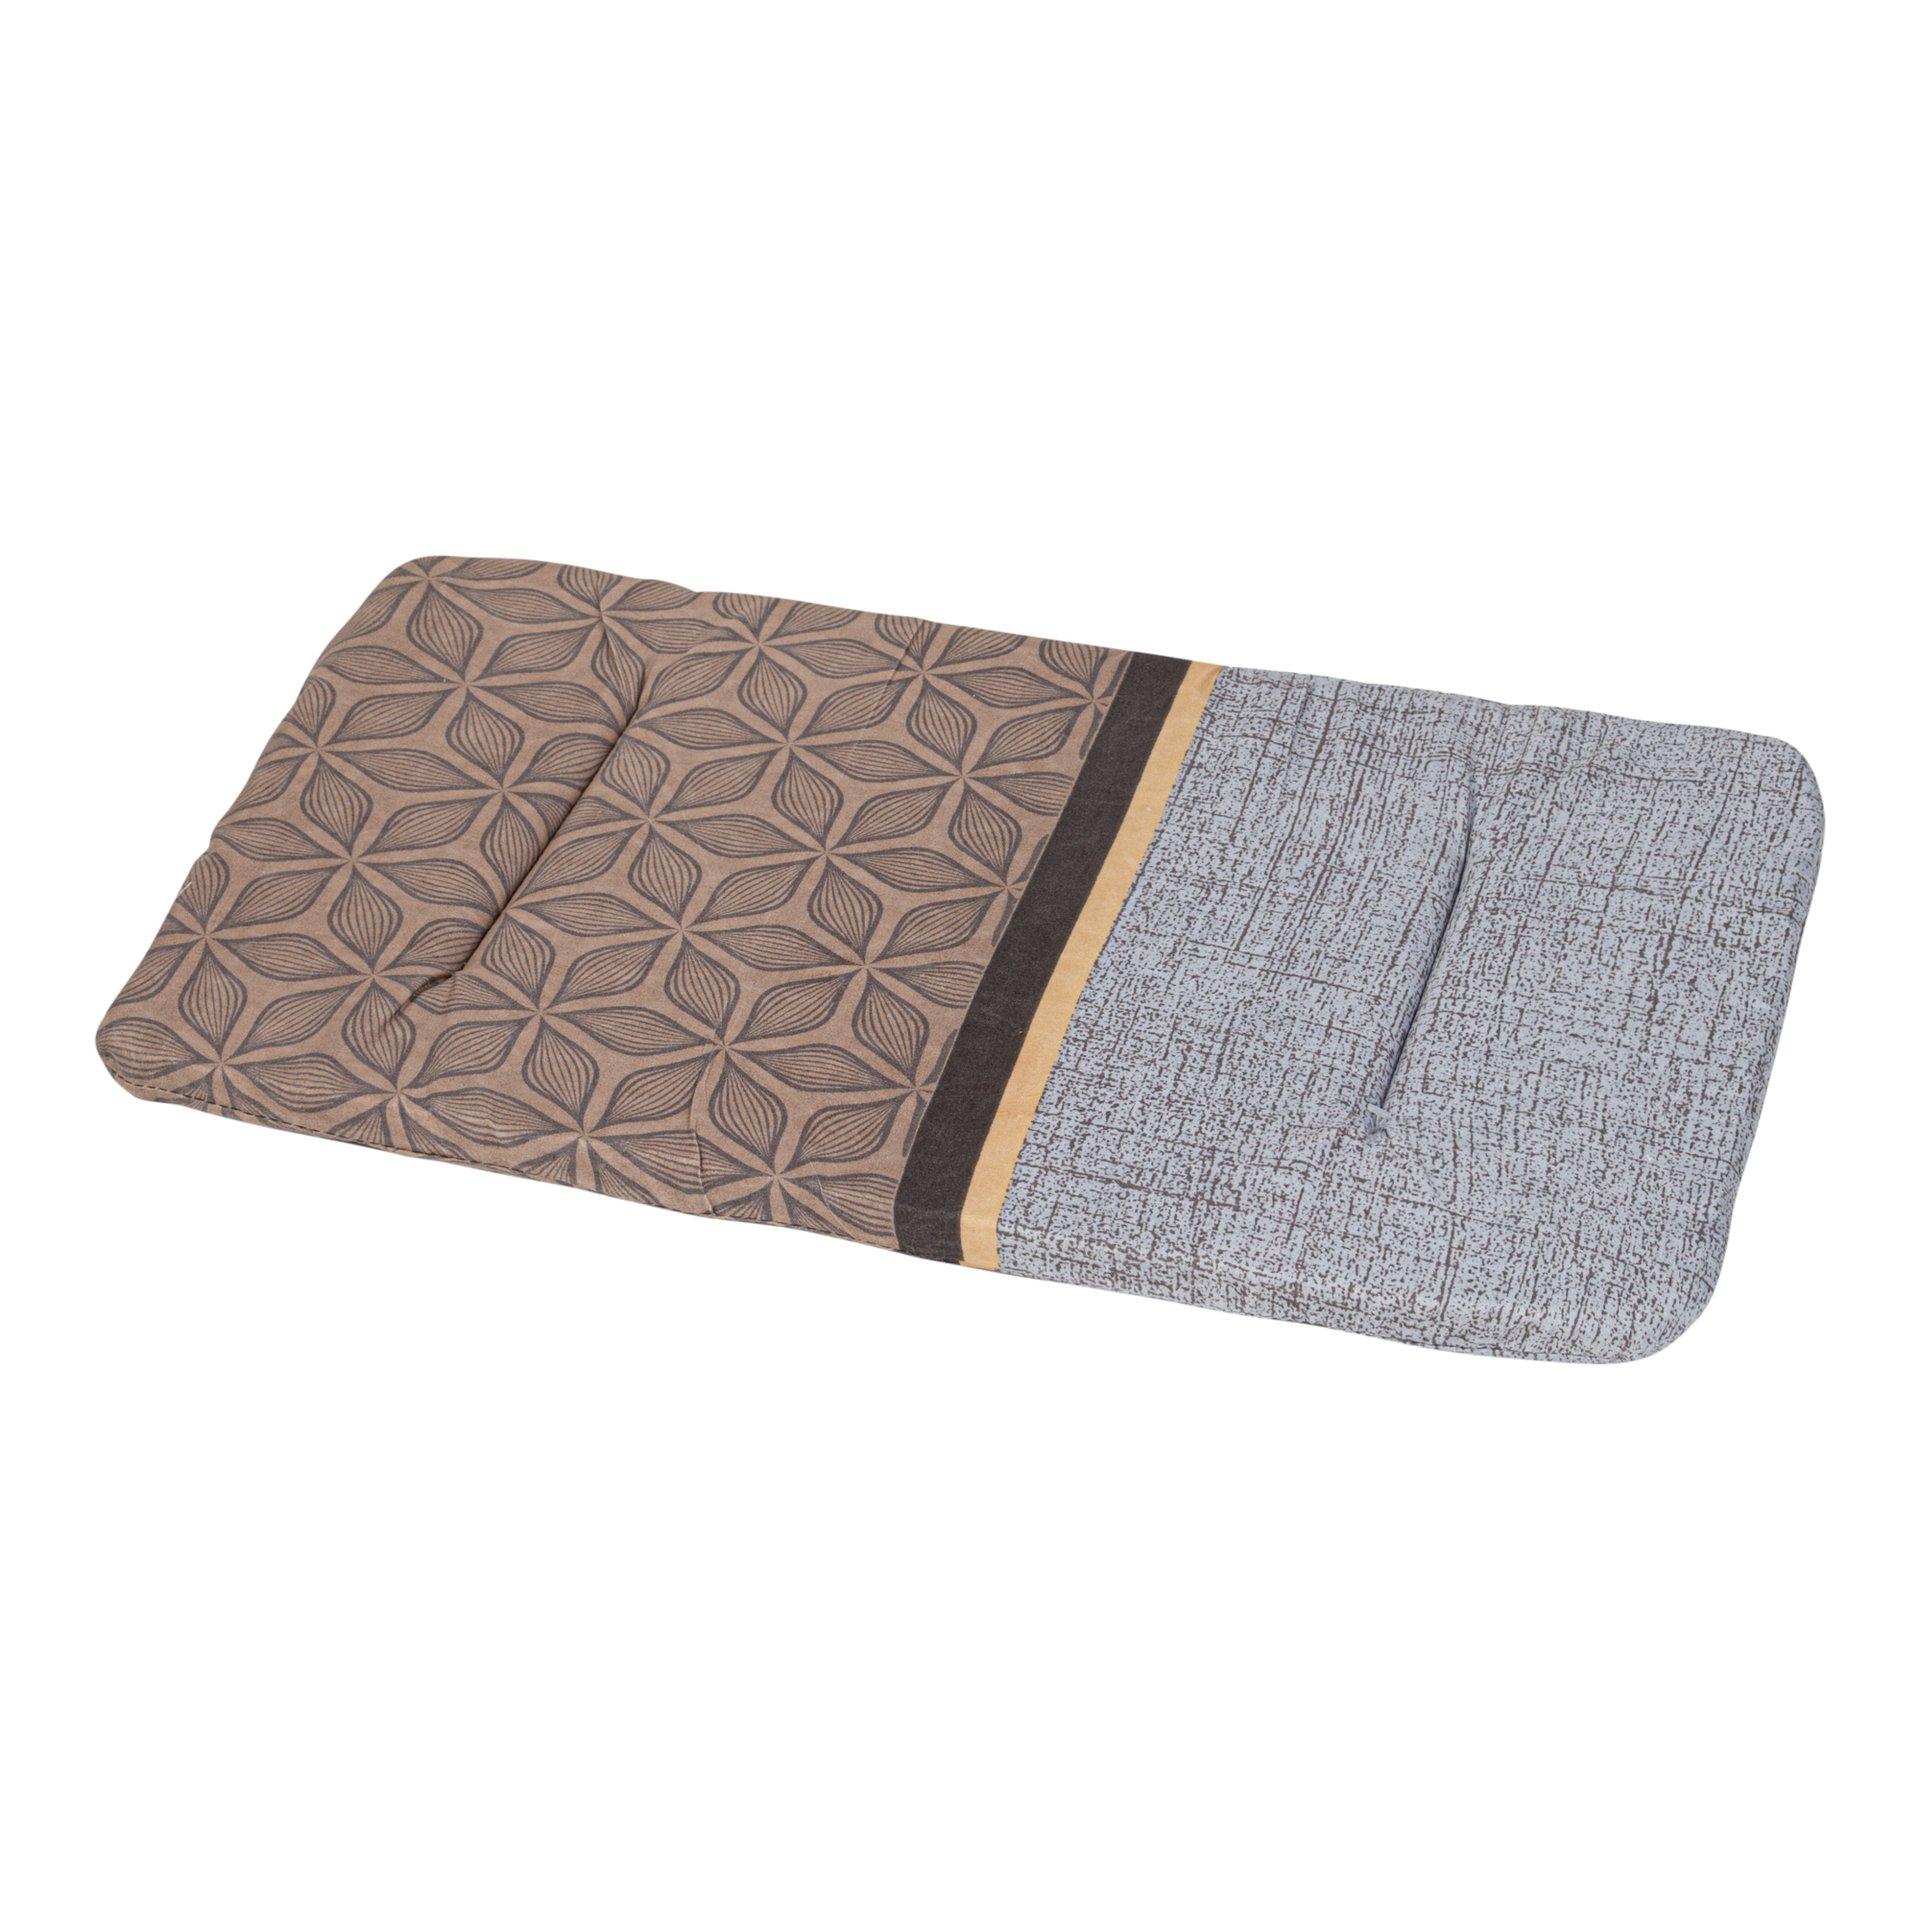 Лежак в переноску для собак и кошек Xody Эконом №3, цвета в ассортименте, 50х30х2 см